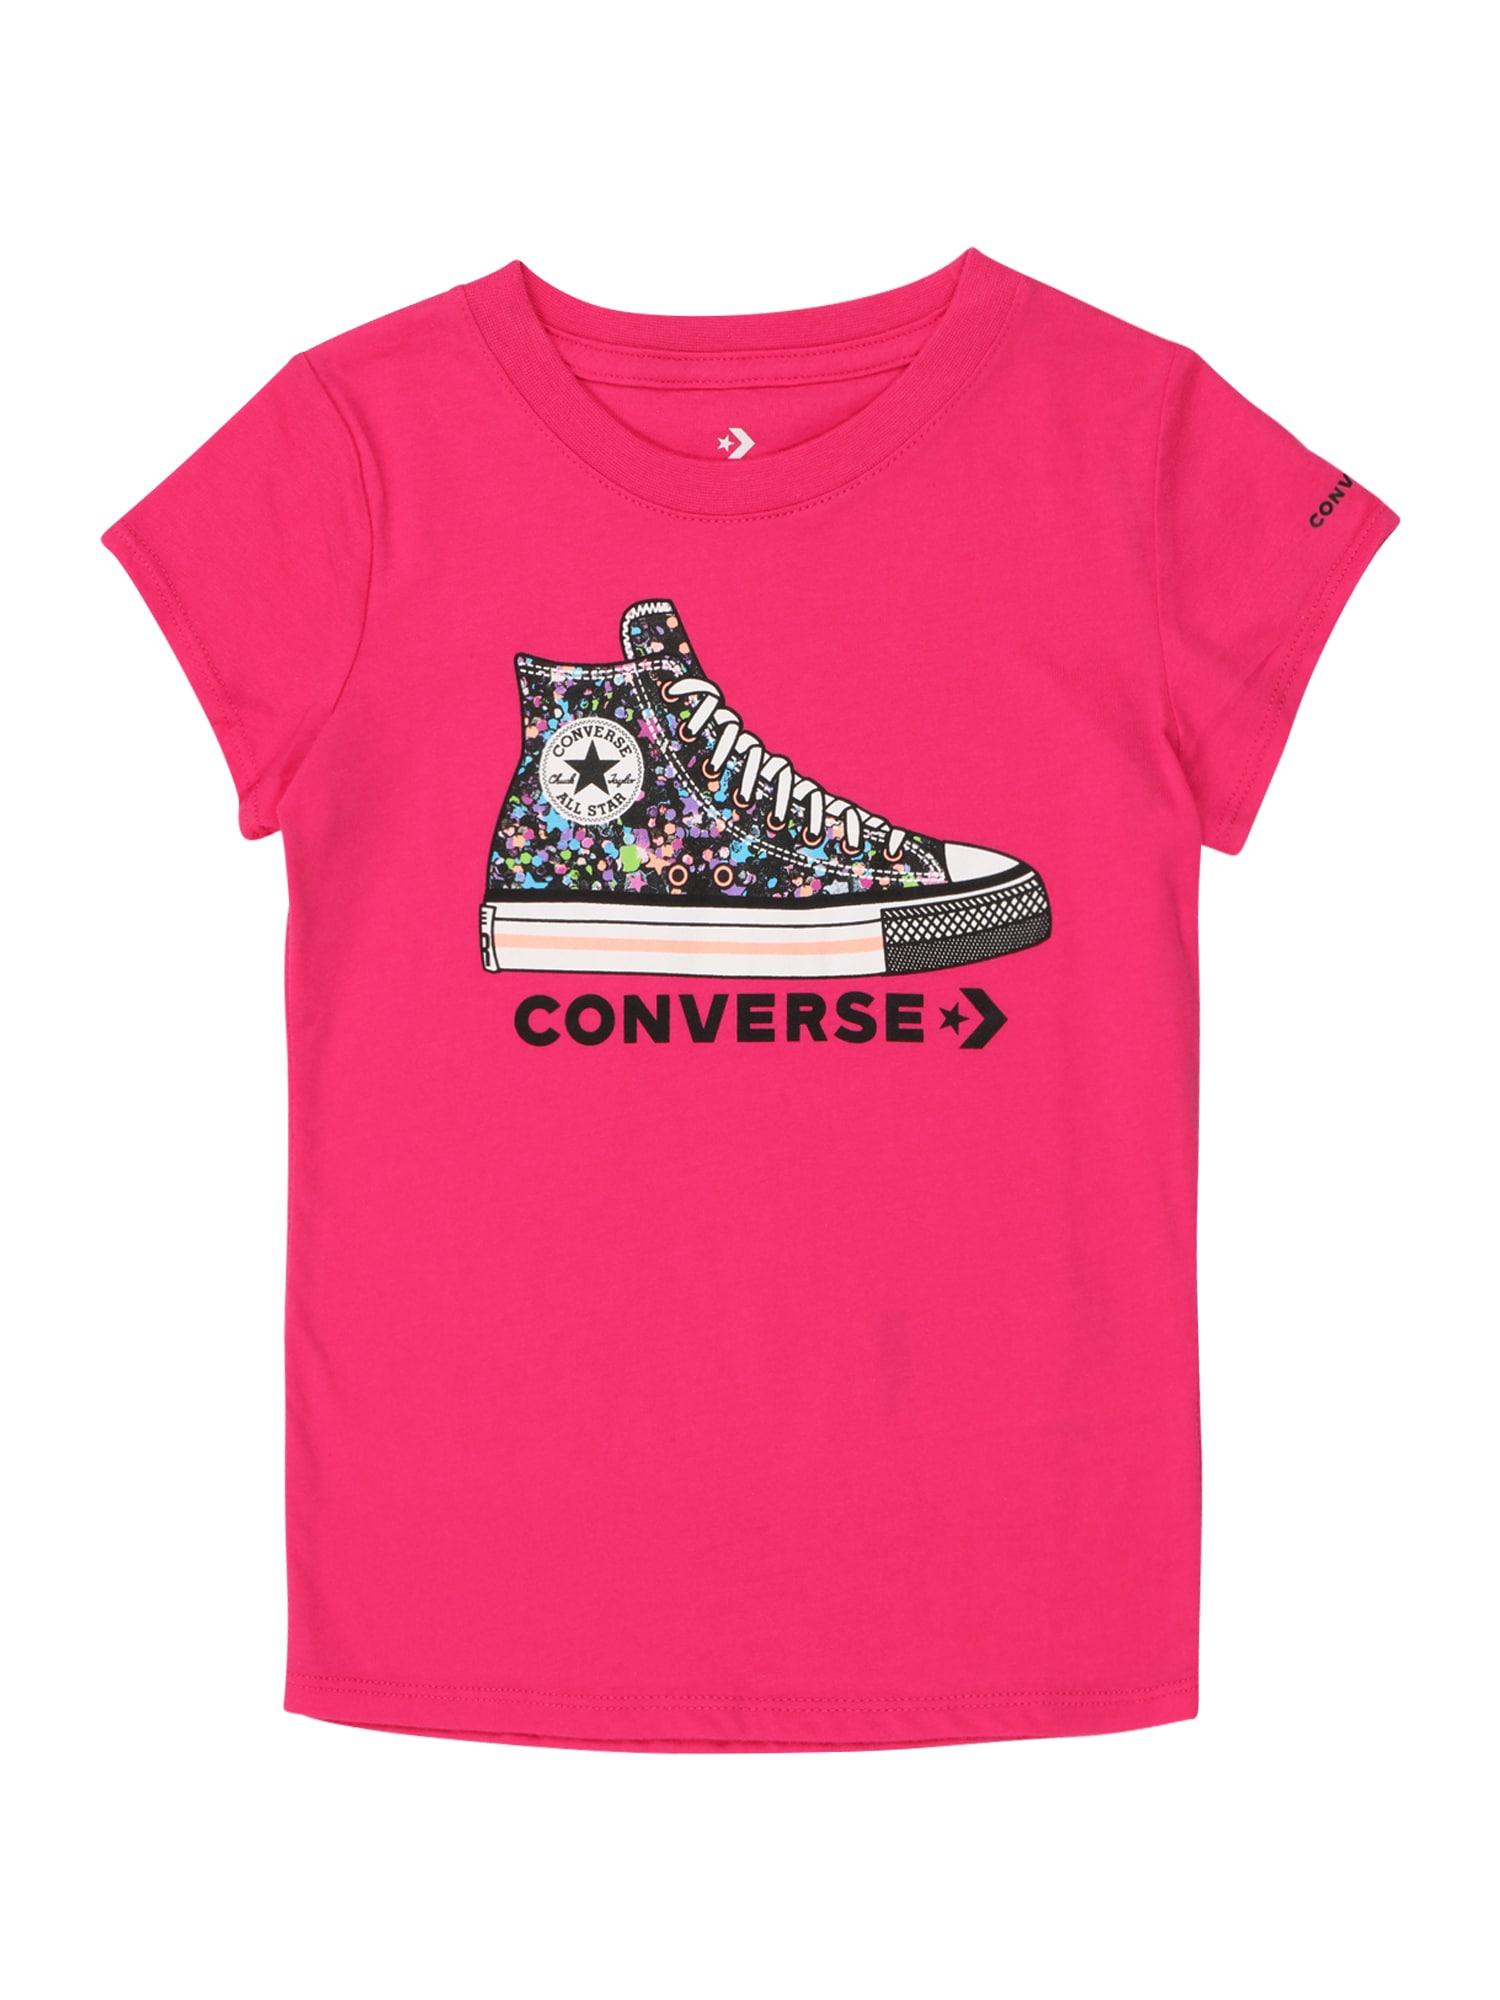 CONVERSE Marškinėliai 'RHINESTONE' rožinė / juoda / mišrios spalvos